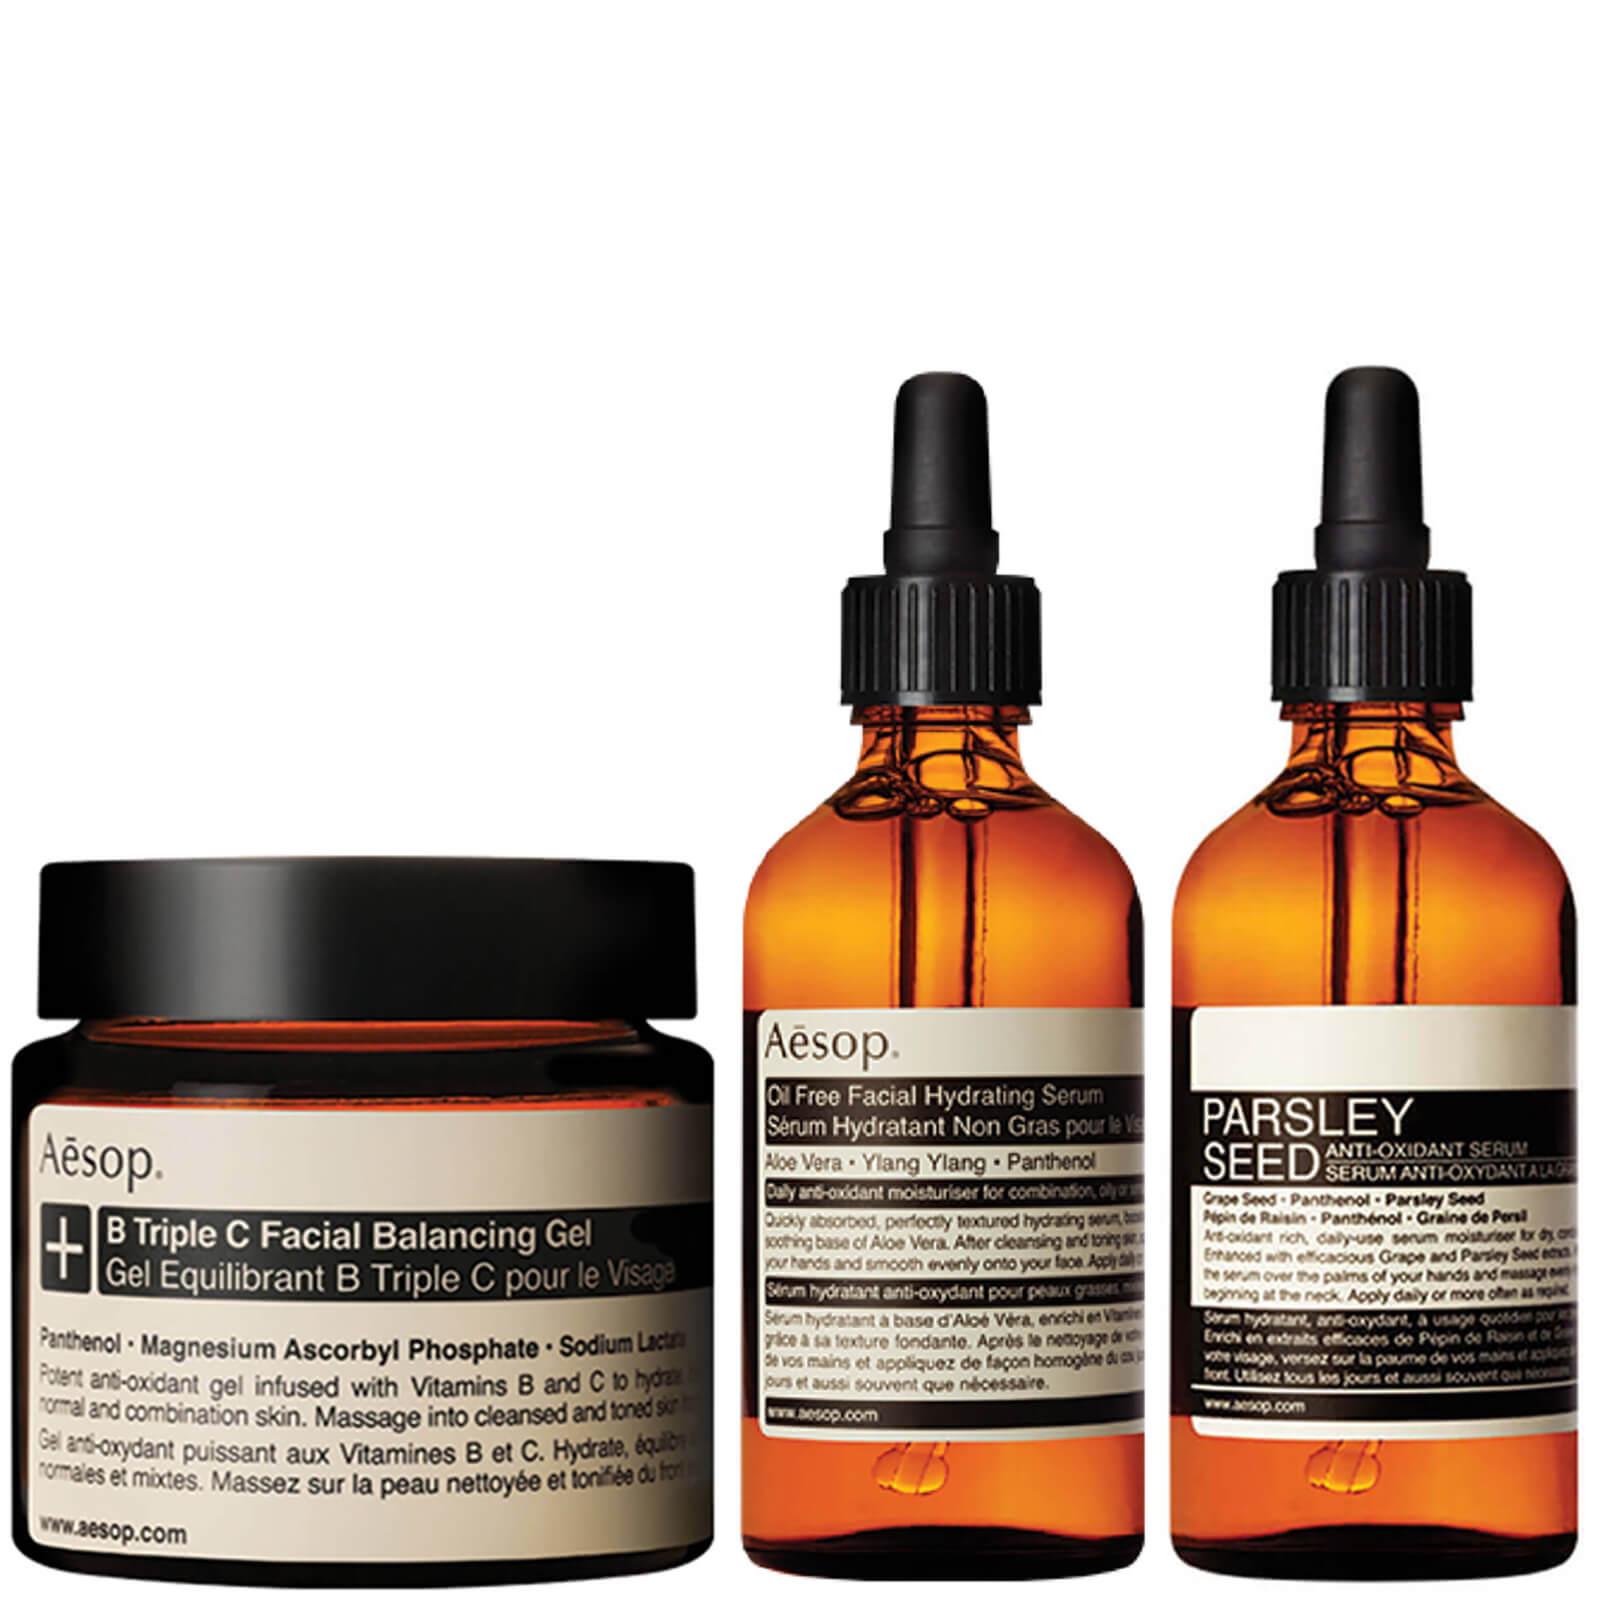 Aesop Lightweight Serum, Parsley Seed Serum and Facial Balancing Gel Bundle